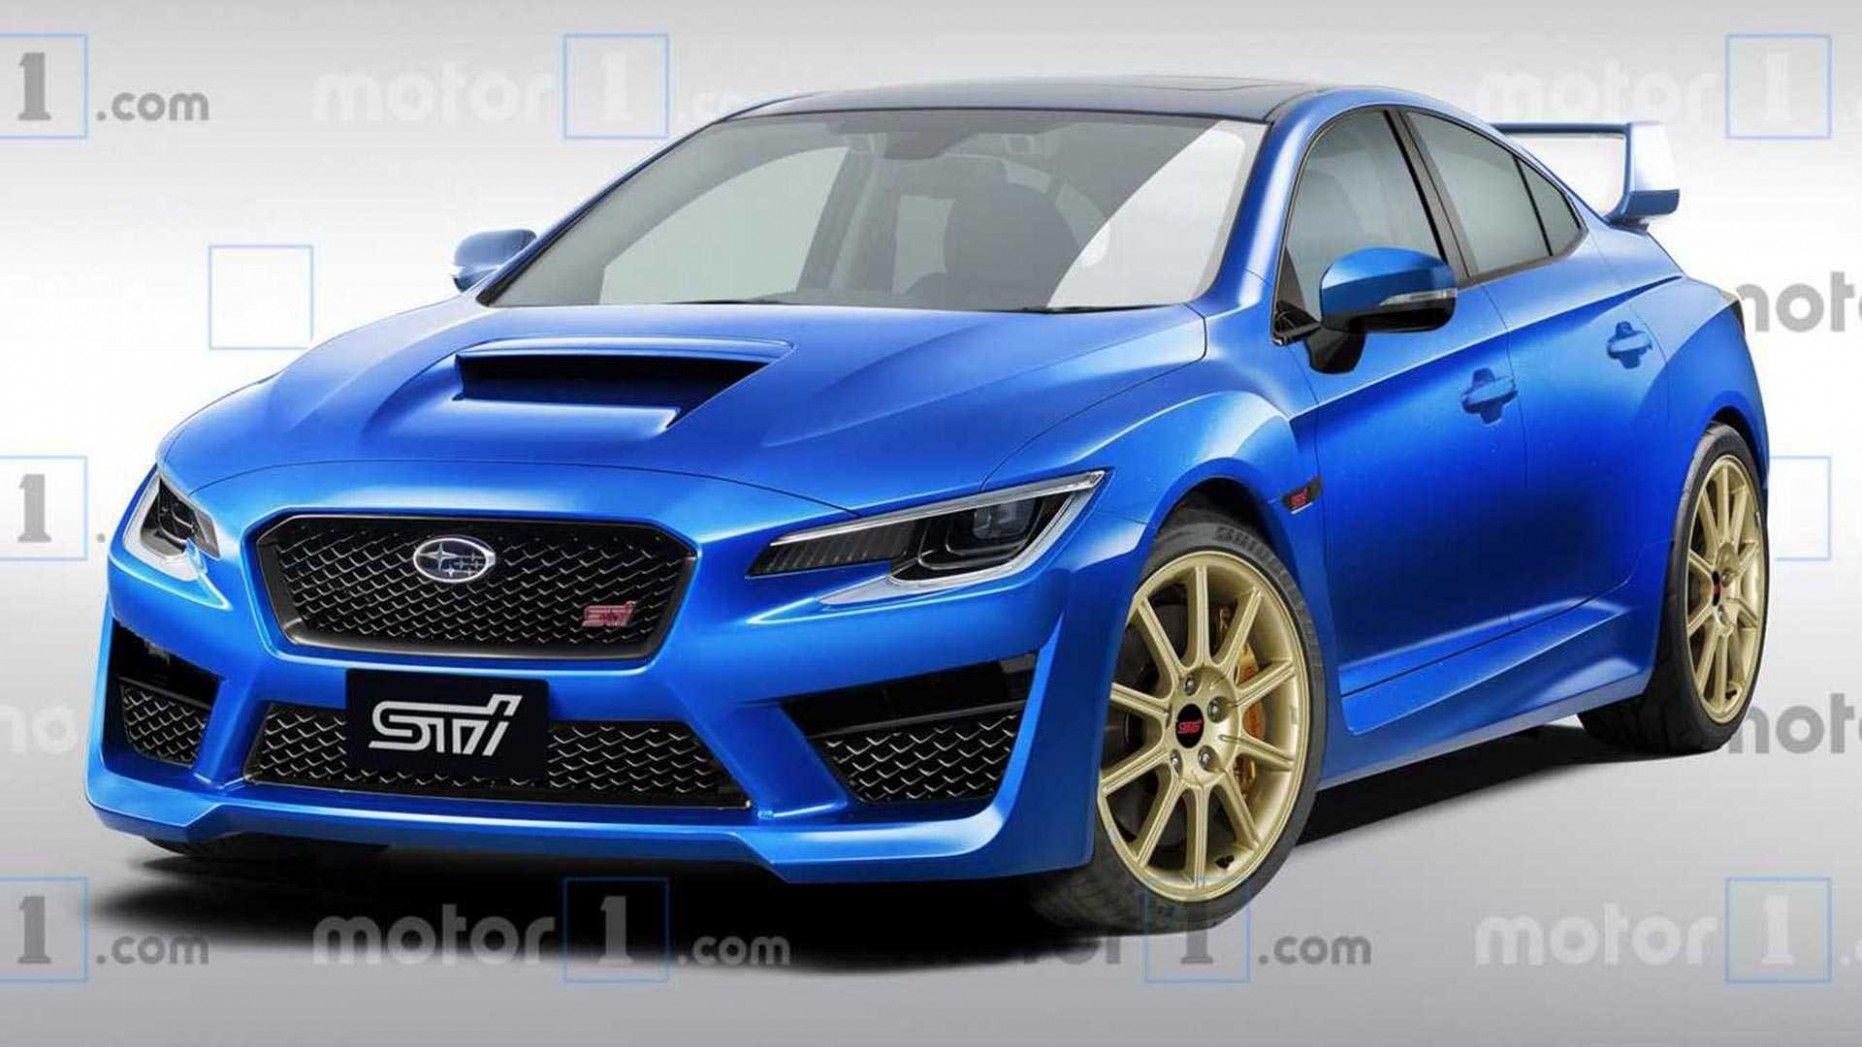 2021 Subaru Wrx Subaru sti, Subaru wrx